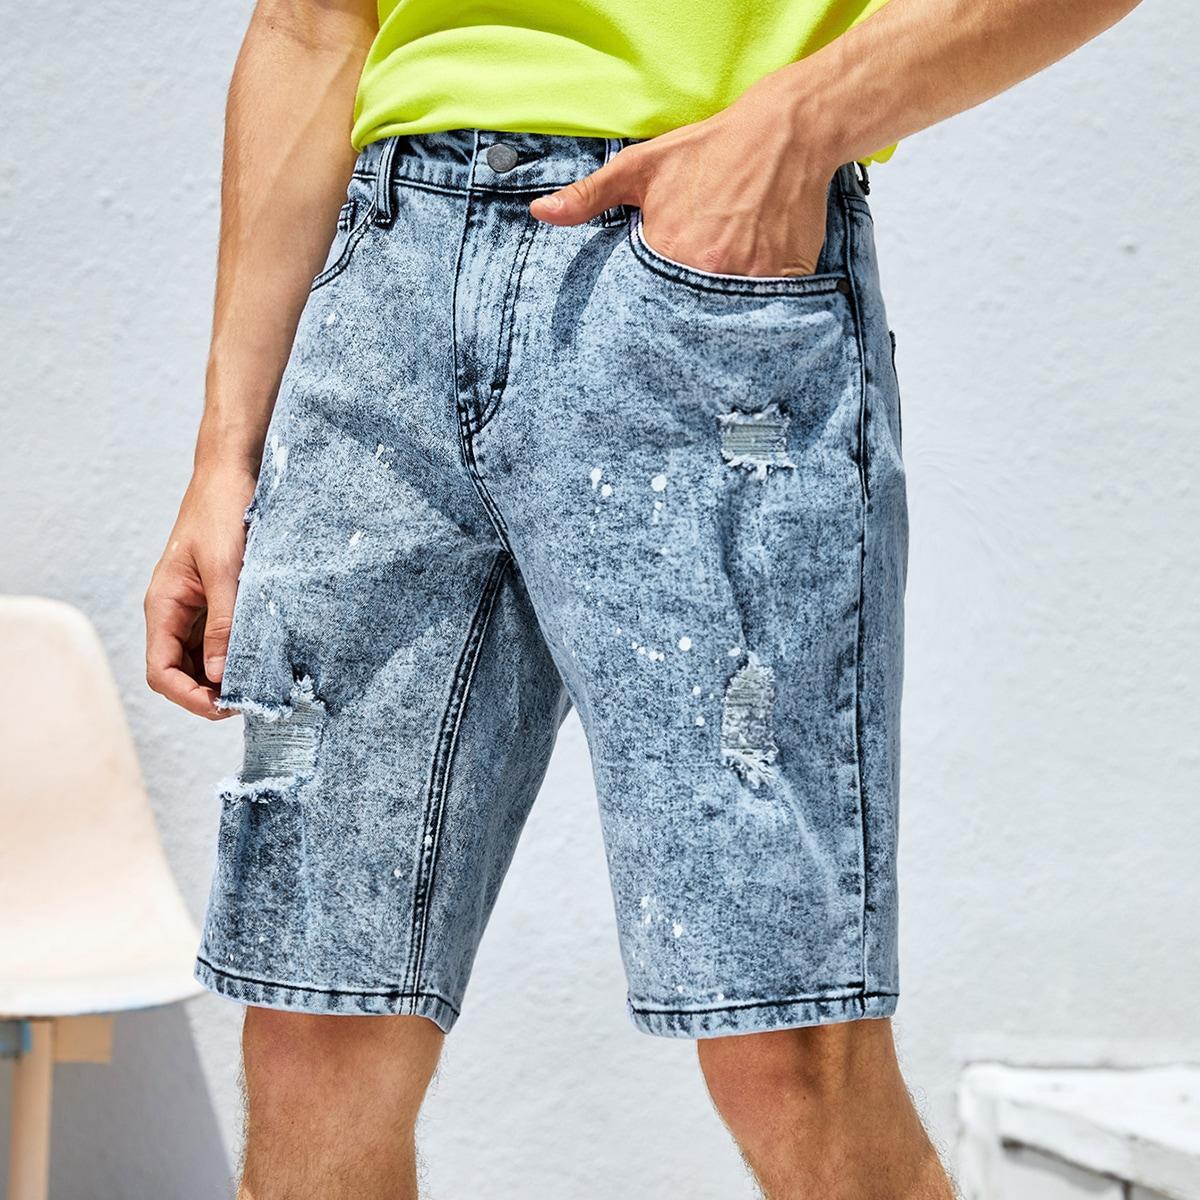 Мужской Шорты-бермуды рваный джинсовый от SHEIN